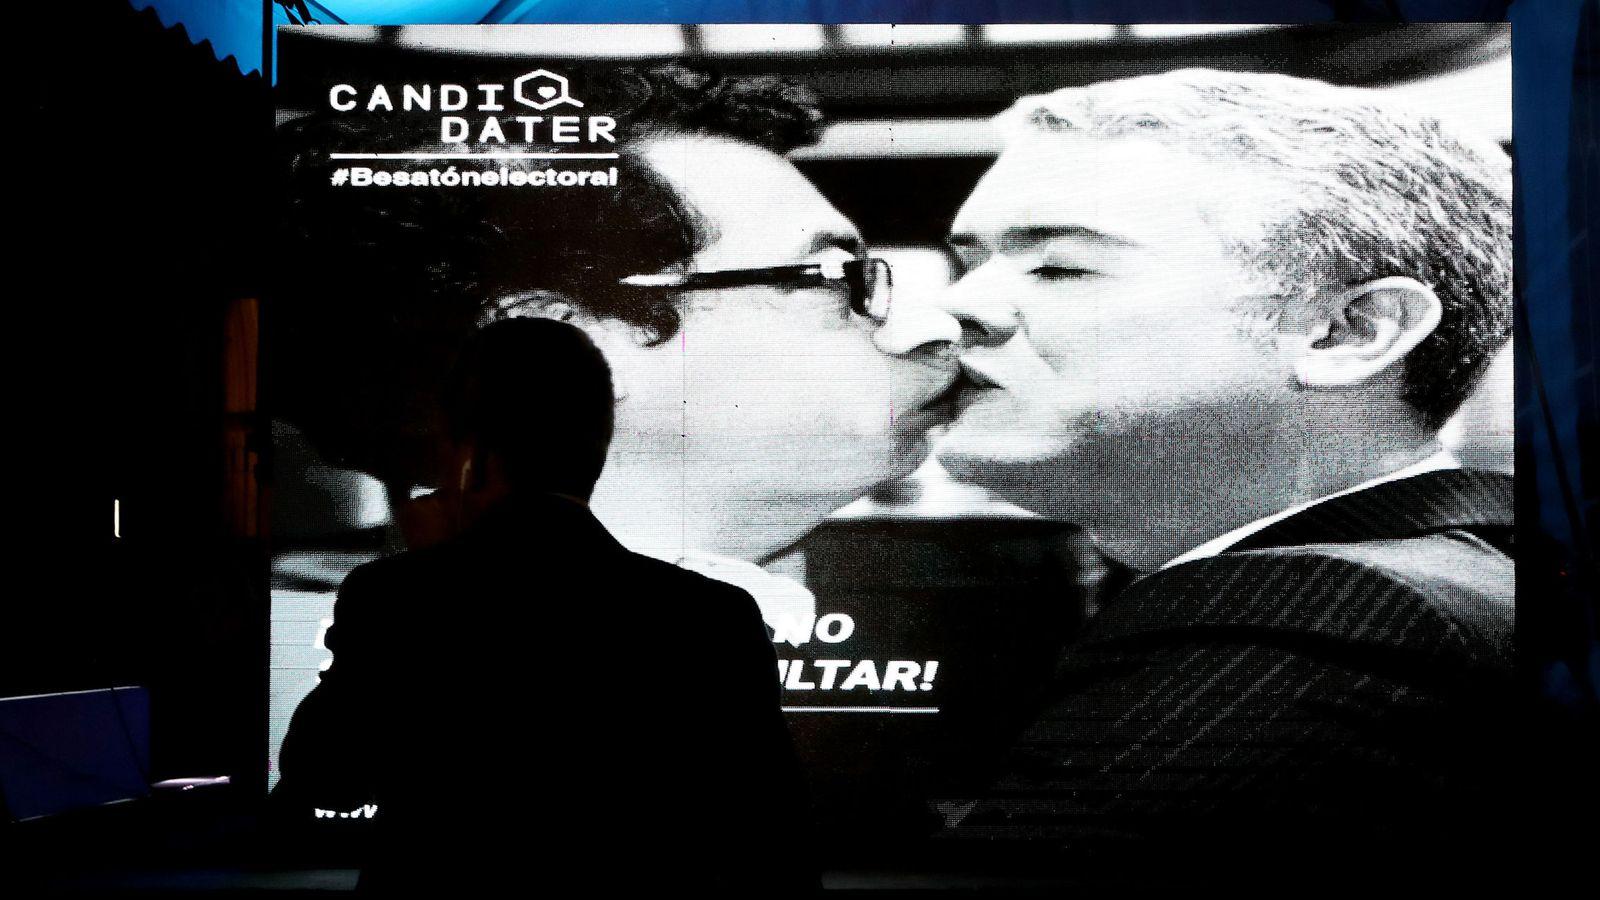 """Foto: Una imagen editada digitalmente, de los candidatos presidenciales Gustavo Petro e Iván Duque, en la """"Besatón en contra de la Polarización"""", en Bogotá. (EFE)"""